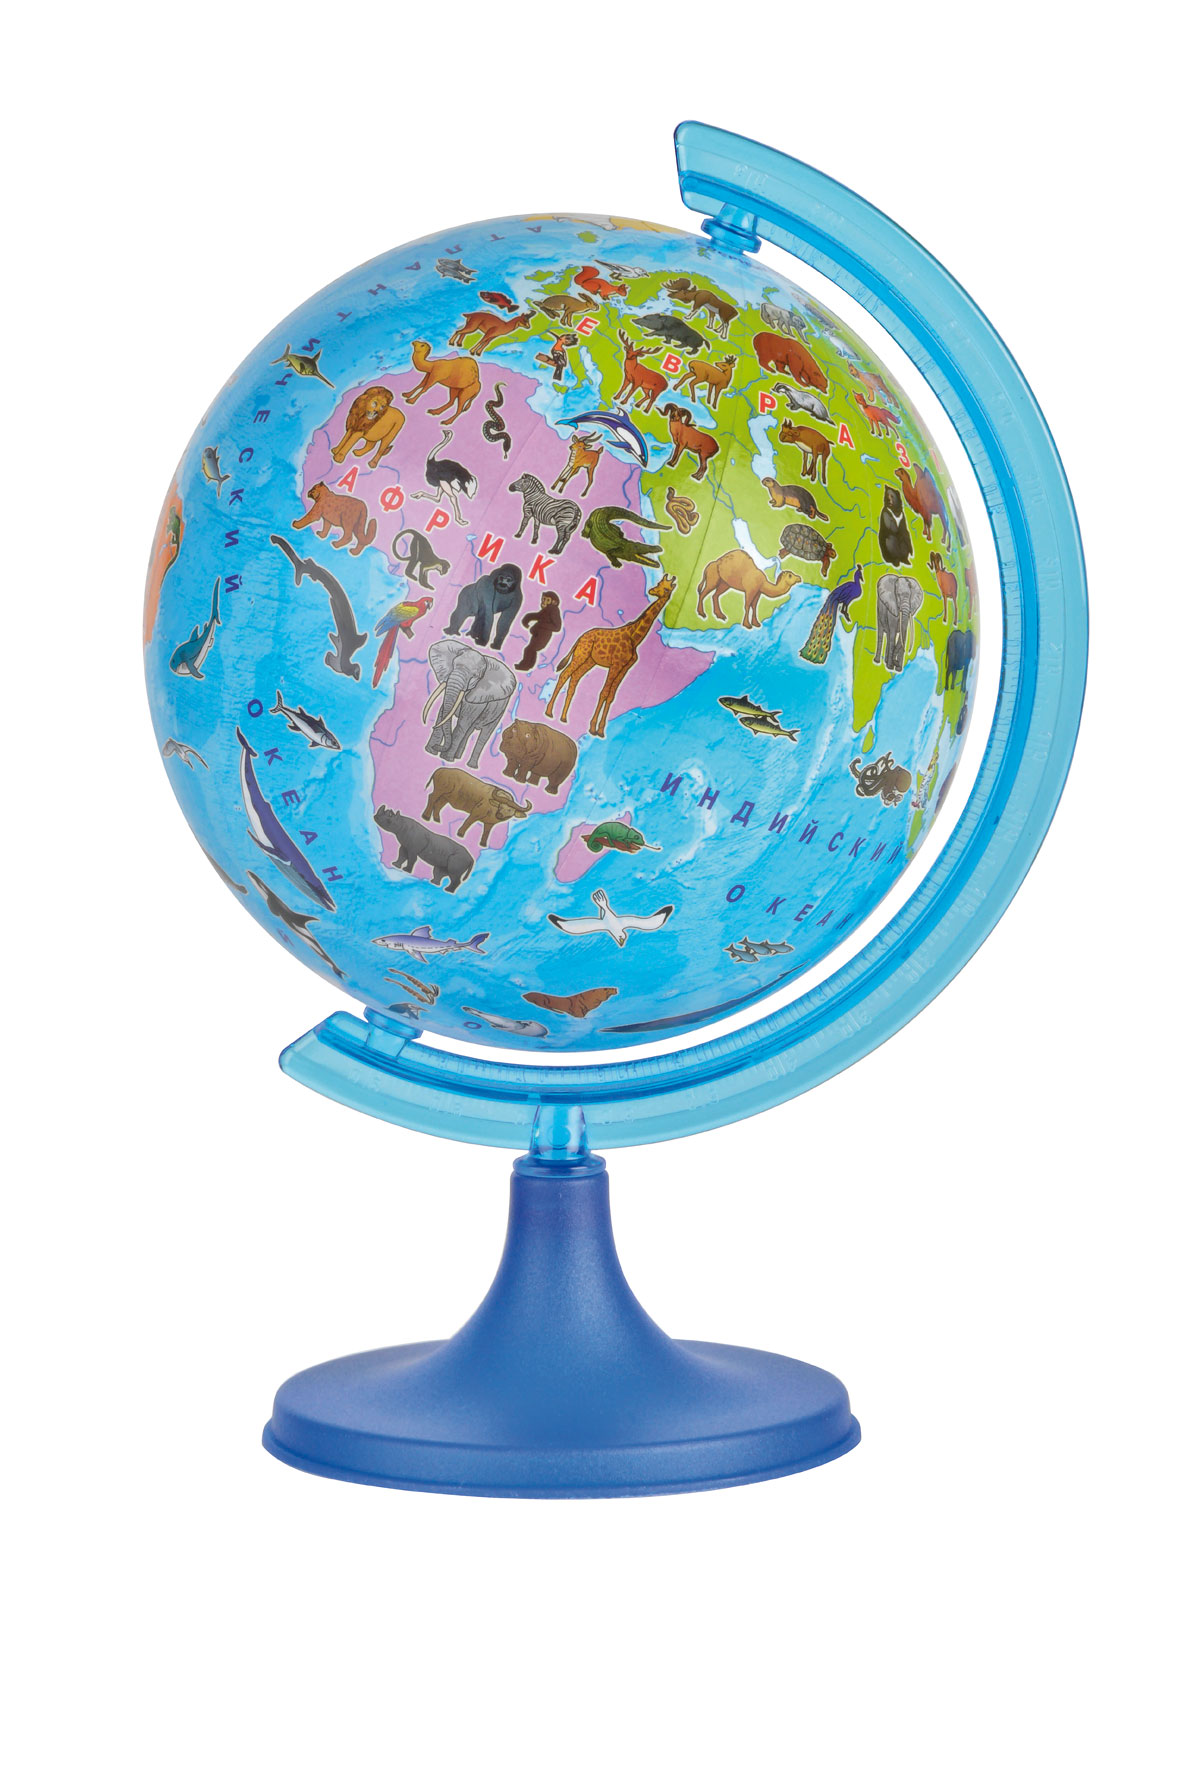 Глобус DMB Сафари, диаметр 16 см + Мини-энциклопедия Животный Мир Земли10020Глобус DMB Сафари изготовлен из высококачественногопрочного пластика в оригинальной, яркой цветной гамме, где все материки и океаны выполнены в ярких контрастных красках, что привлечет внимание и интерес ребенка. На глобусе отображены самые известные животные, наиболее характерные для той или иной среды обитания. Изделие расположено на подставке. Географические названия на глобусе приведены нарусском языке. Сделайте первый шаг в стимулирование своегообучения! К глобусу прилагается мини-энциклопедия Животный Мир Земли, которая обязательно поможет детям и их родителям открыть для себя что-то новое в изучении животного мира нашей удивительной планеты.Настольный глобус DMB Сафари станет оригинальным украшением рабочегостола или вашего кабинета. Это изысканная вещь для стильного интерьера,которая станет прекрасным подарком для современного преуспевающегочеловека, следующего последним тенденциям моды и стремящегося кэлегантности и комфорту в каждой детали.Высота глобуса с подставкой: 24 см.Диаметр глобуса: 16 см.Масштаб: 1:80 000 000.